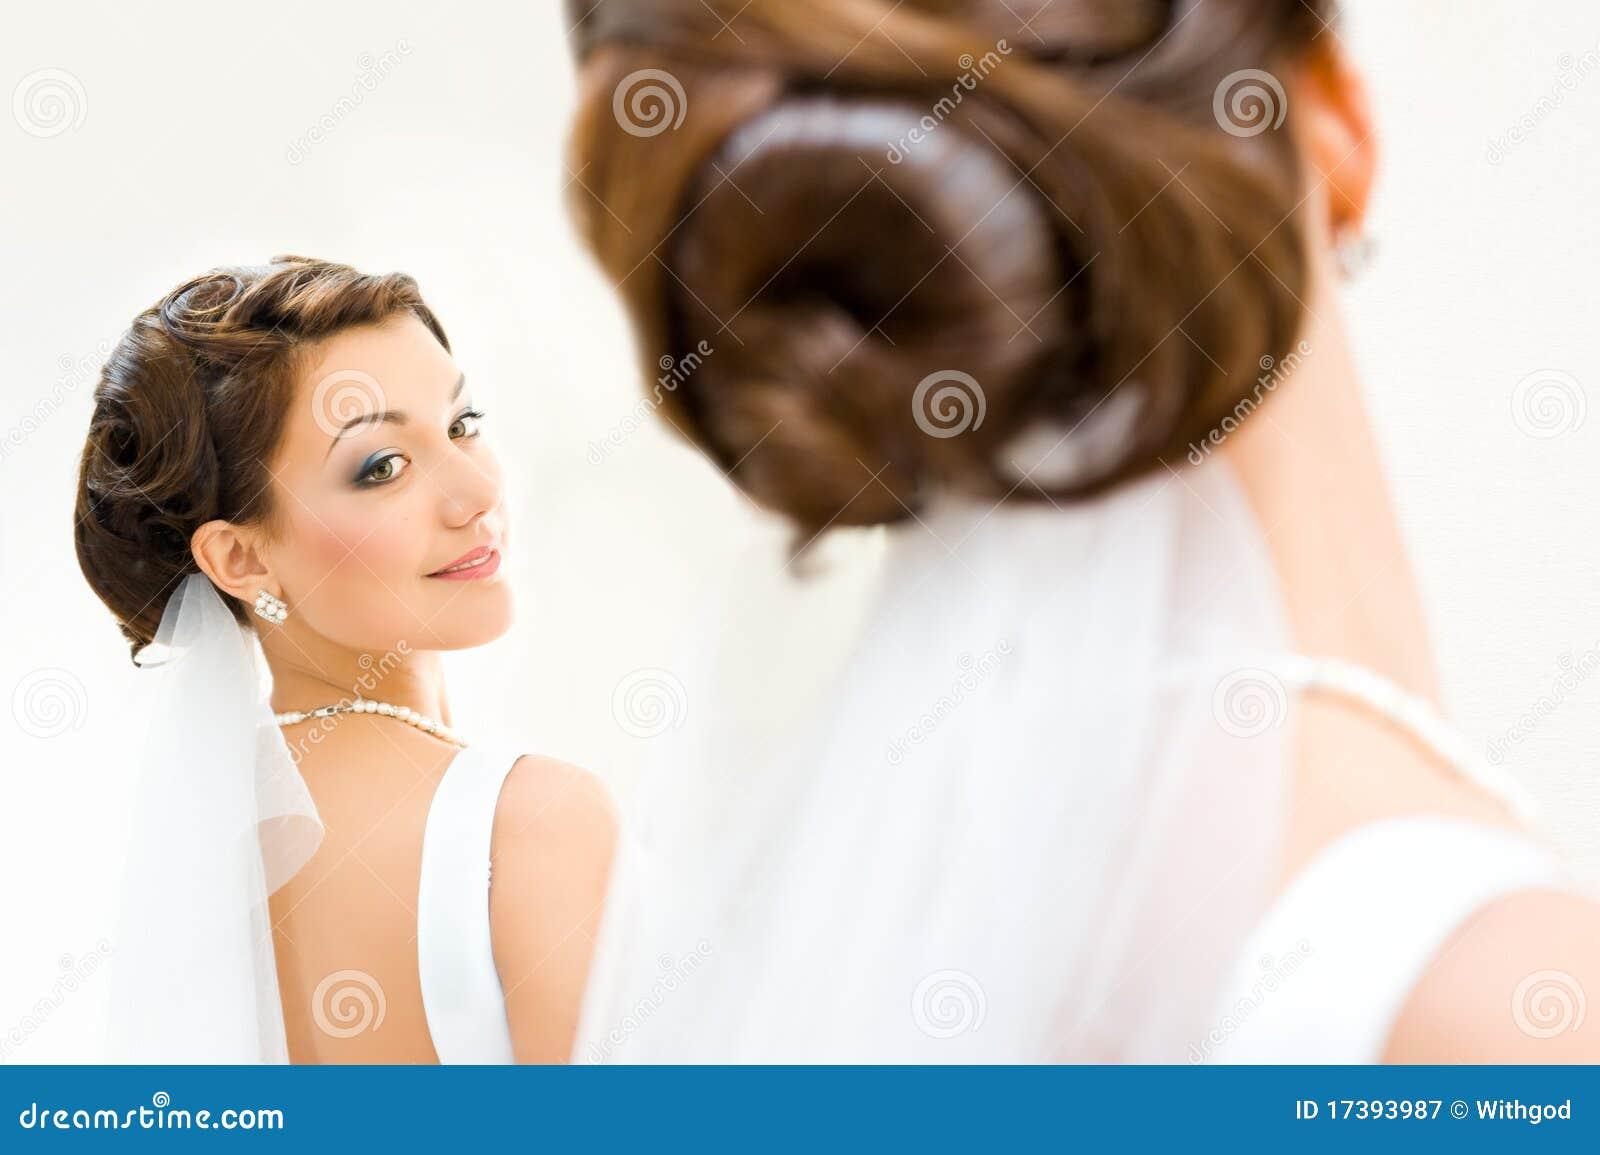 Mari e devant le miroir photographie stock libre de droits for Derniere volonte devant le miroir